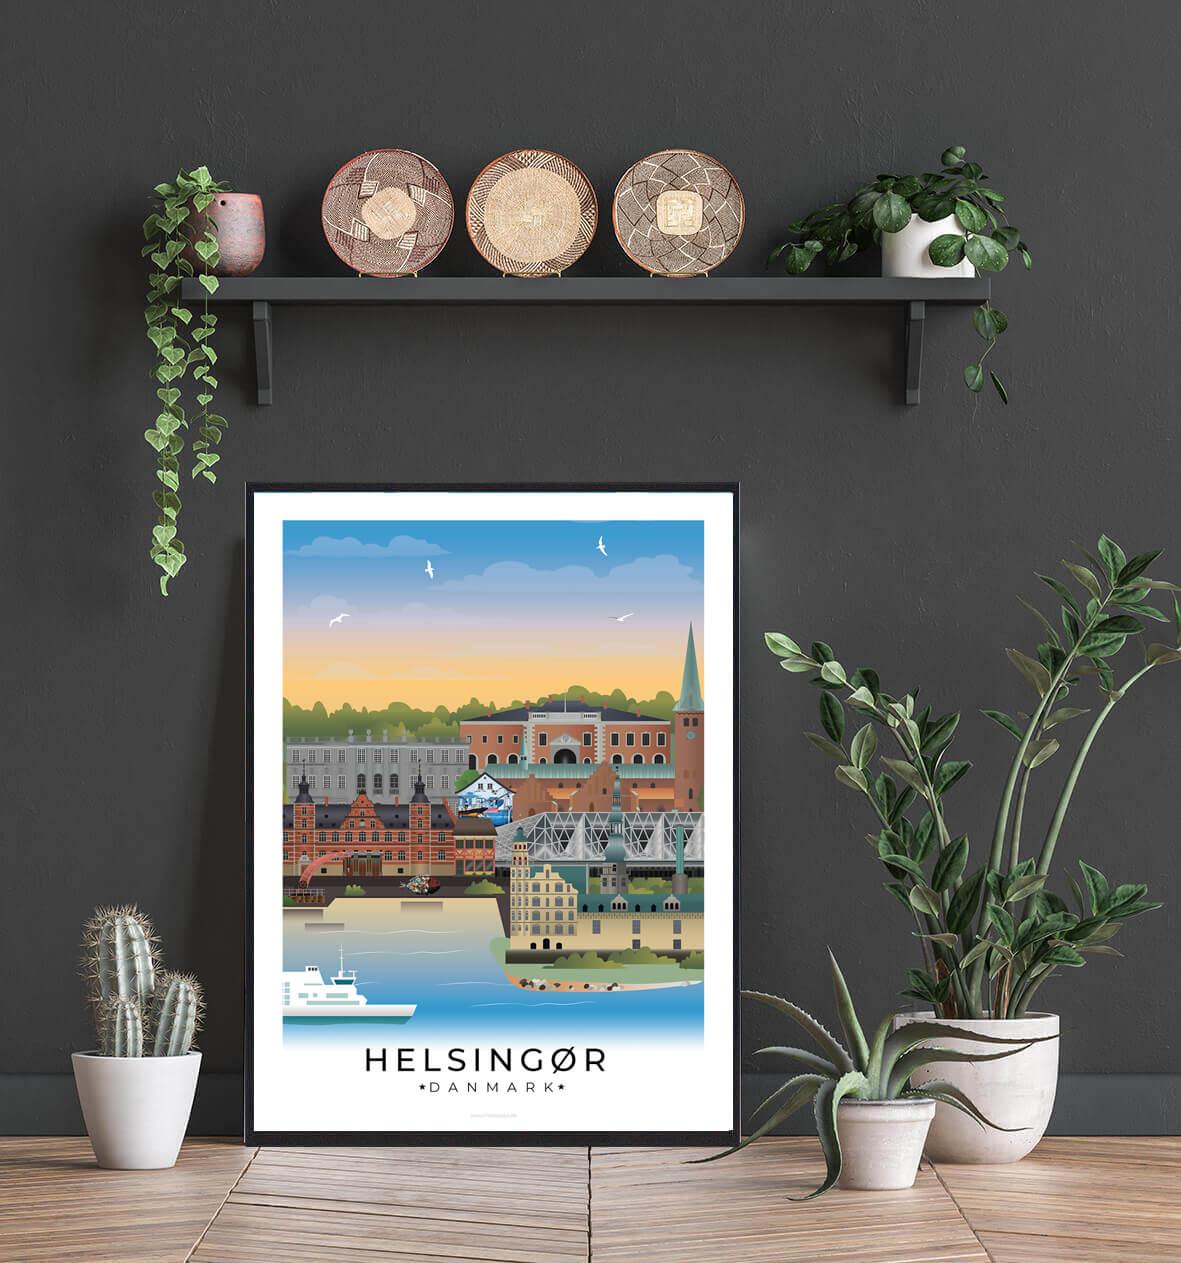 Helsingoer-byplakat-design-2